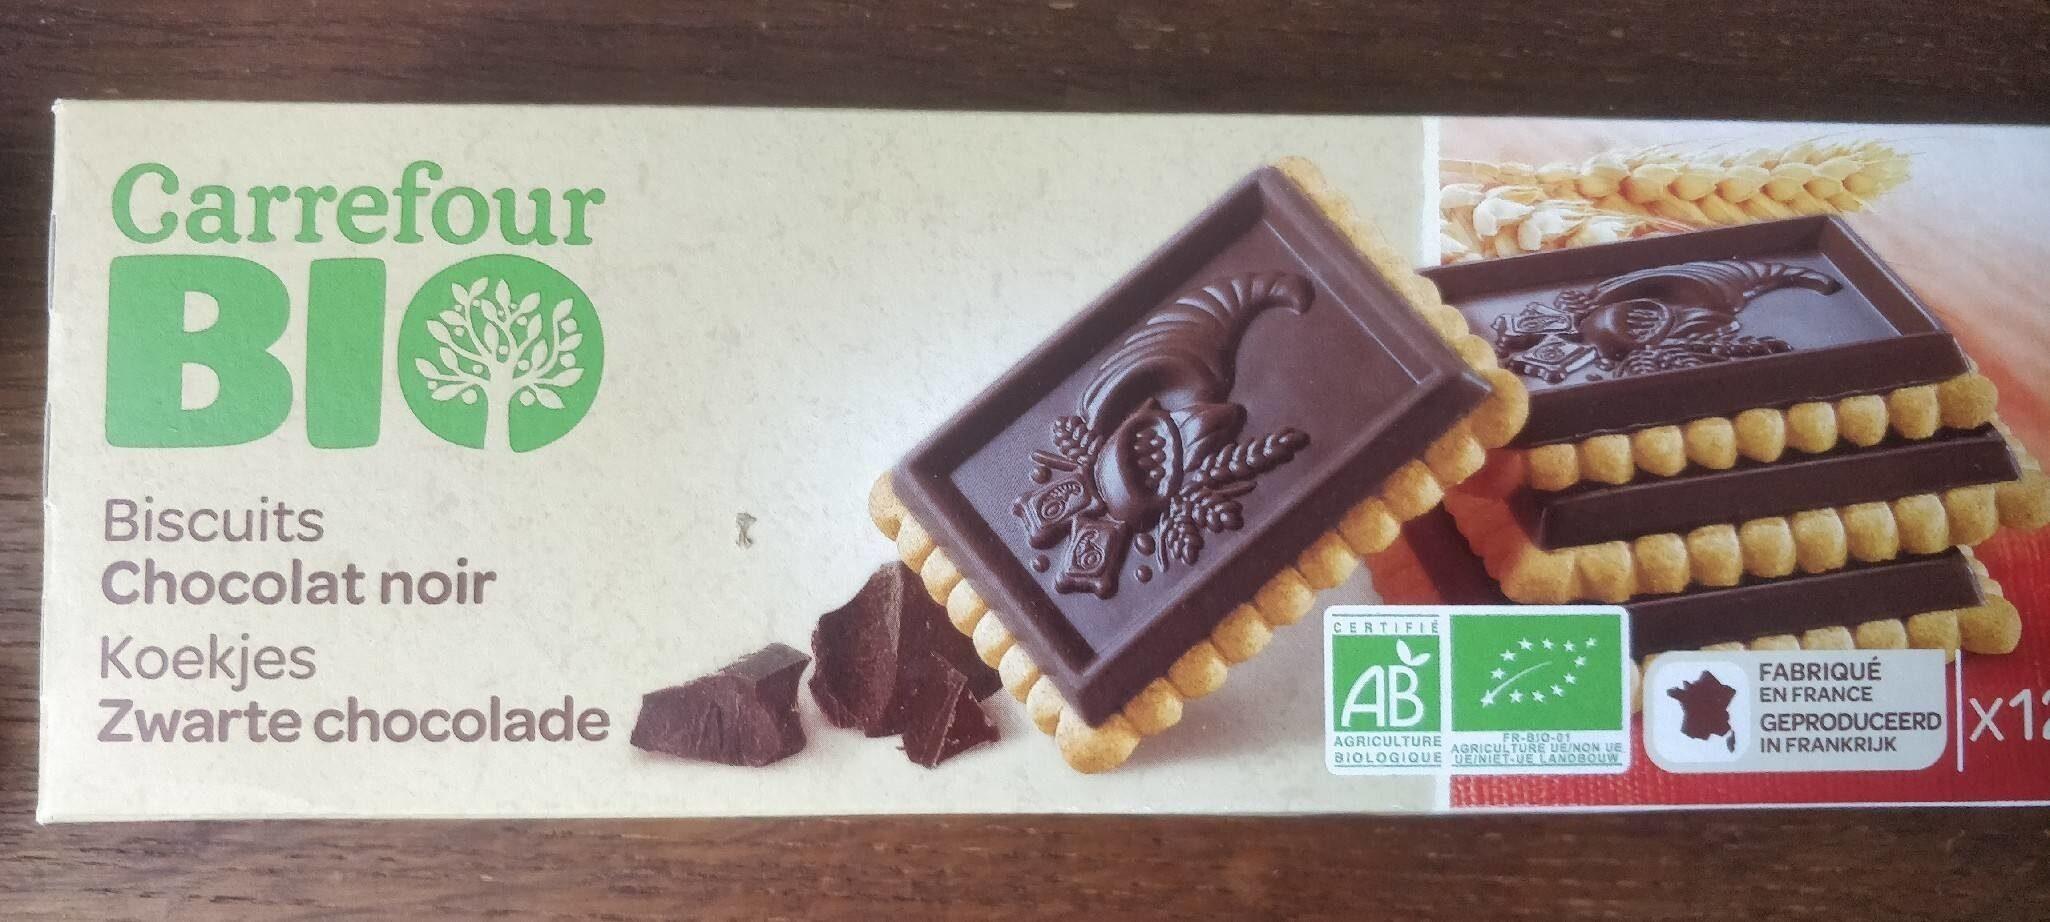 Carrefour Biscuits Chocolat noir BIO - Produit - fr